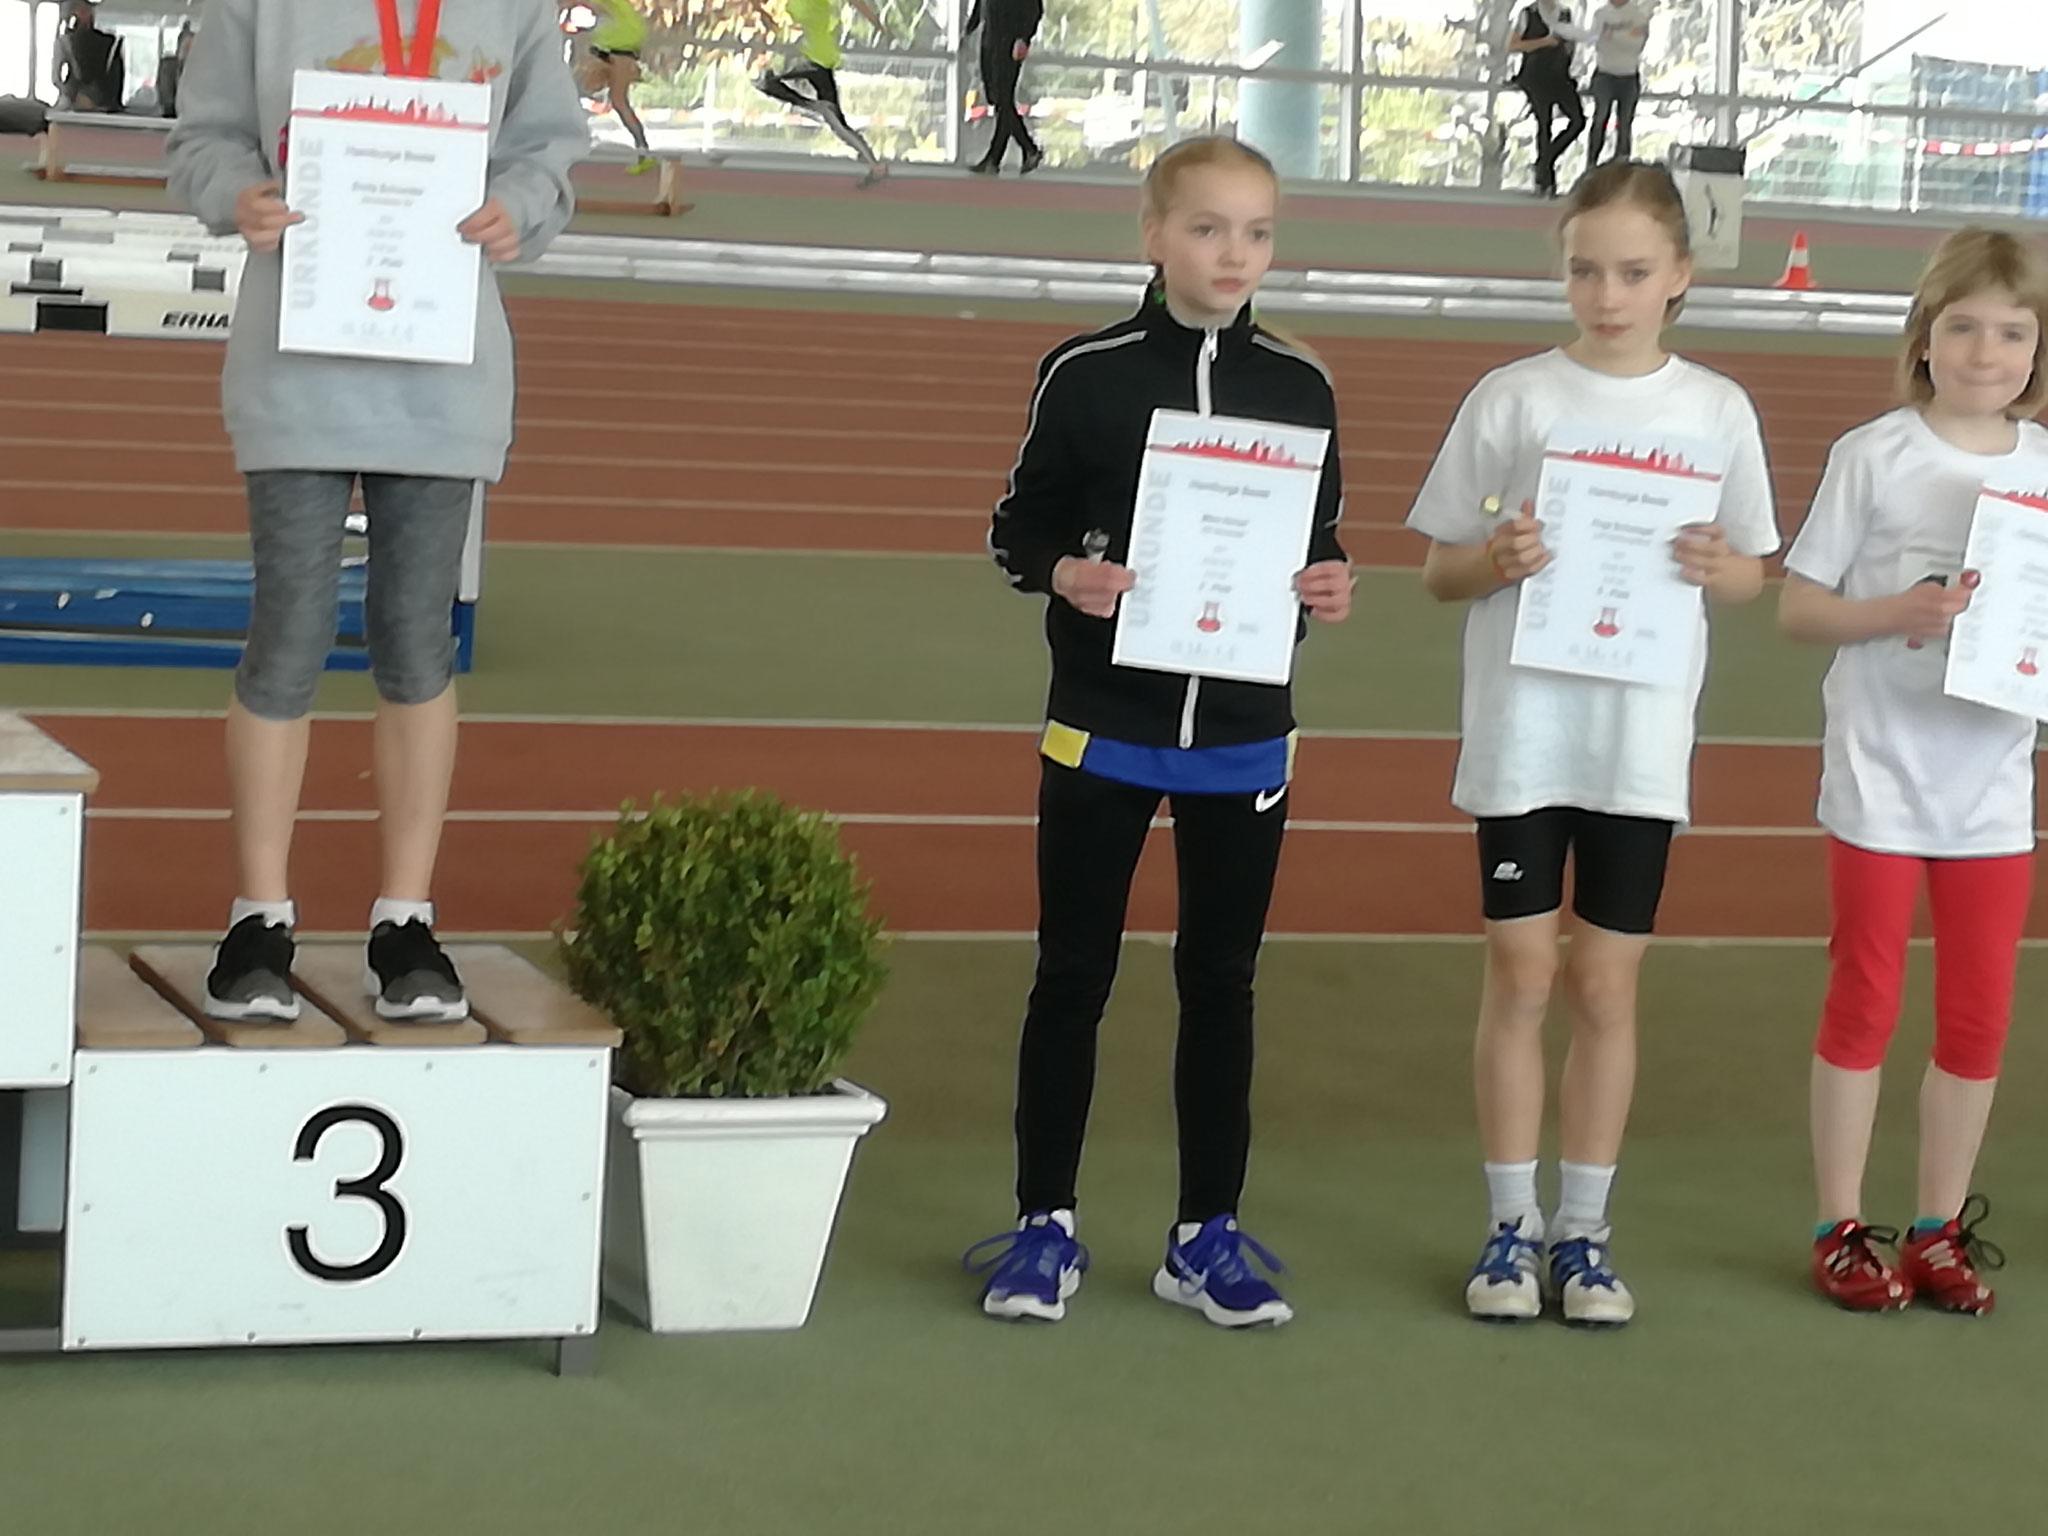 Mara, Platz 4 über 50 m Sprint